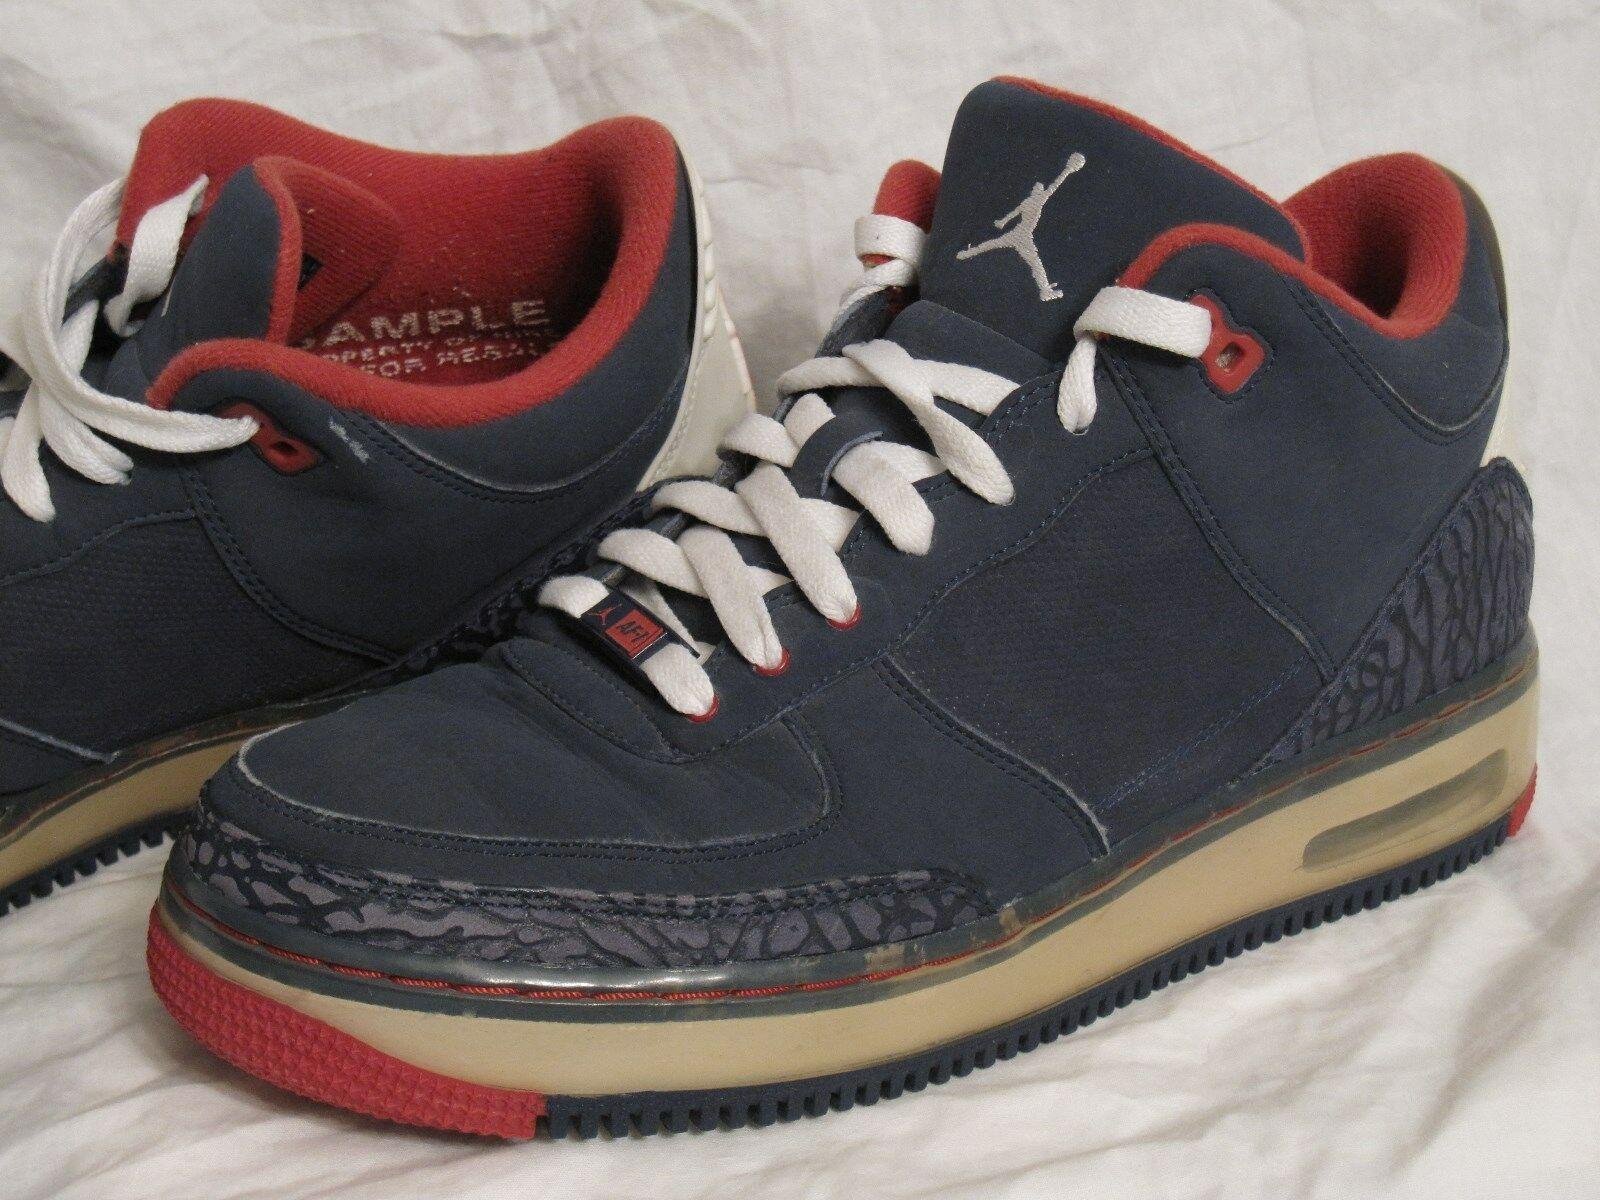 Nike Air Jordan AJF 3 unreleased Hombre Shoes ventas SZ 9 Basketball promo ventas Shoes la mas popular de las muestras de zapatos para hombres y mujeres 840a0a